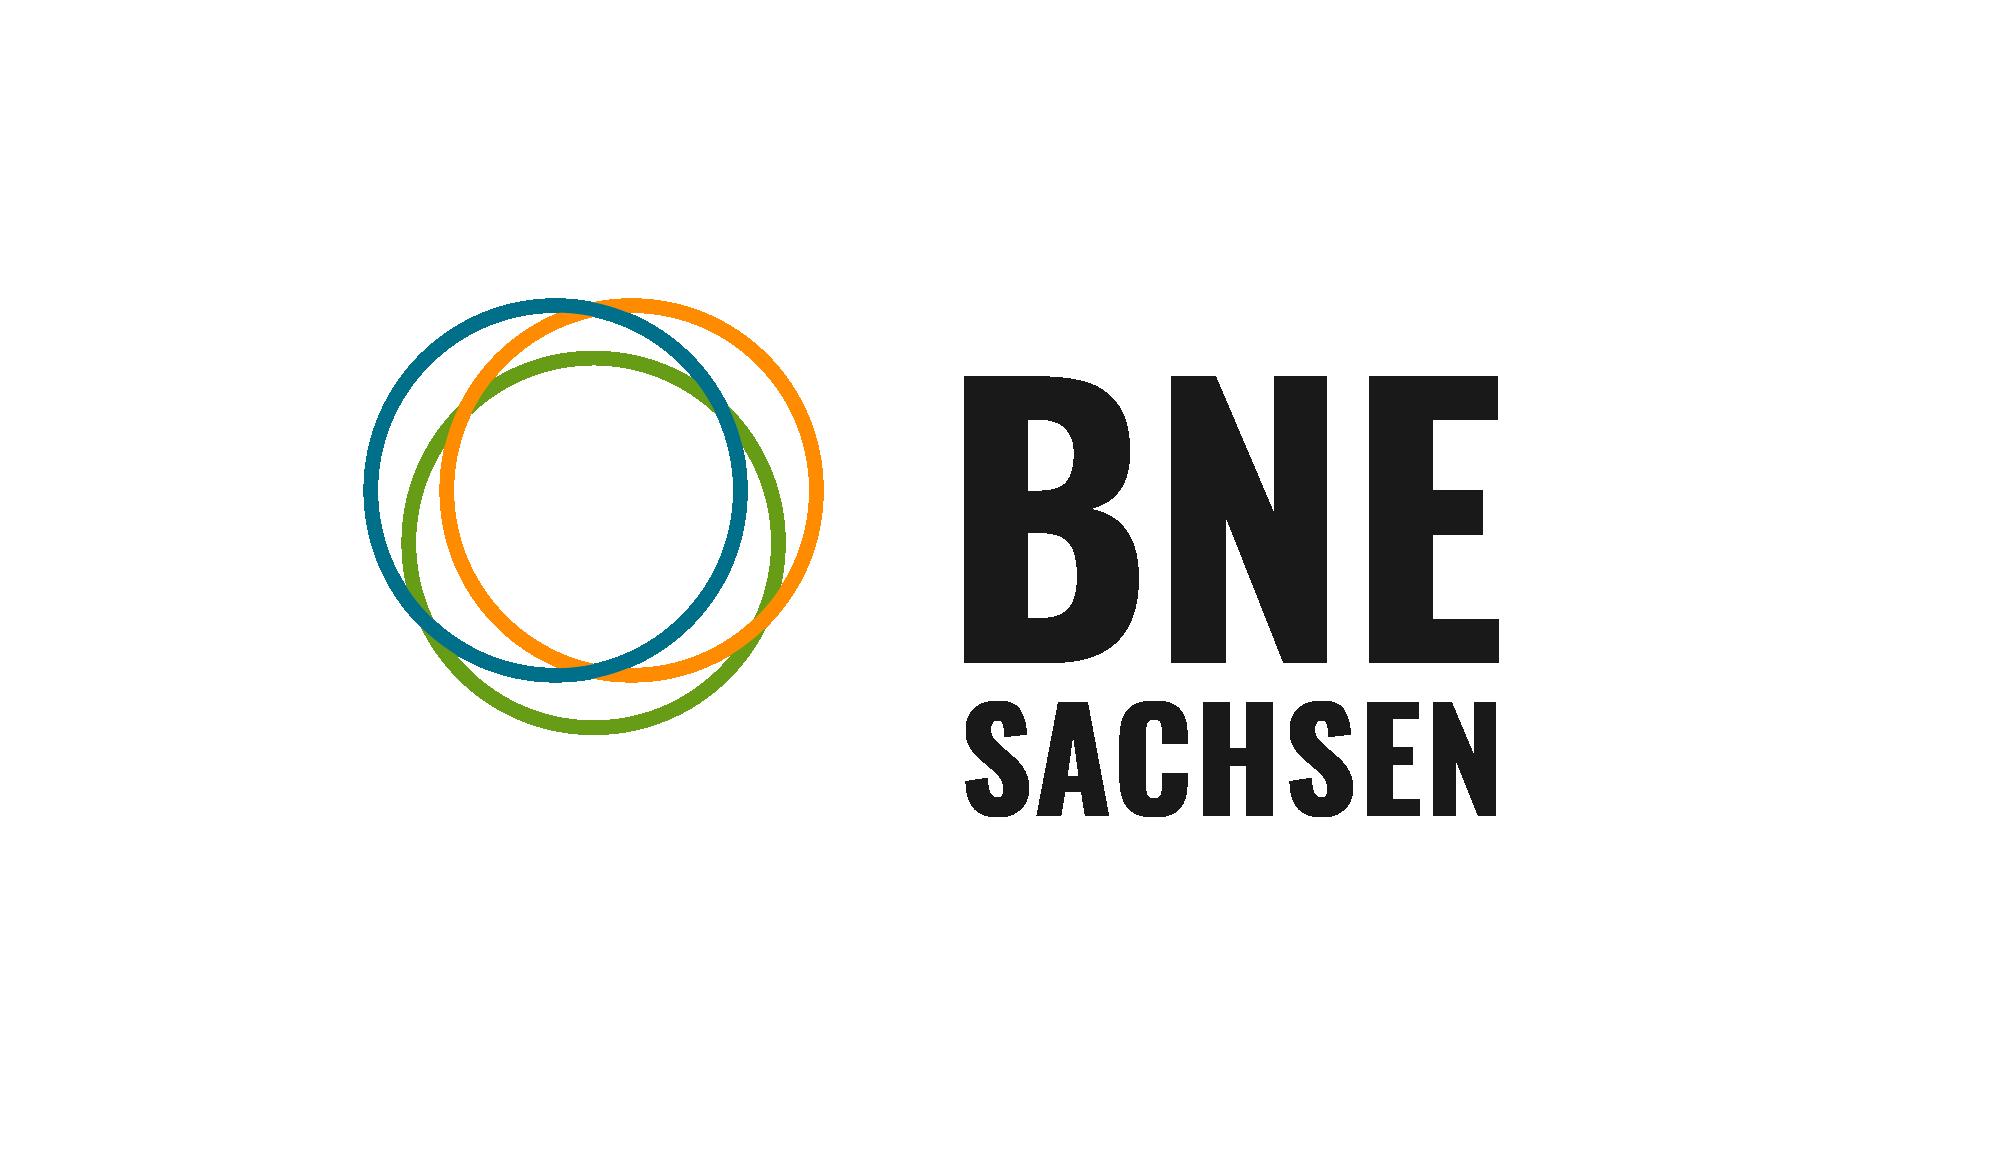 BNE Sachsen Logo